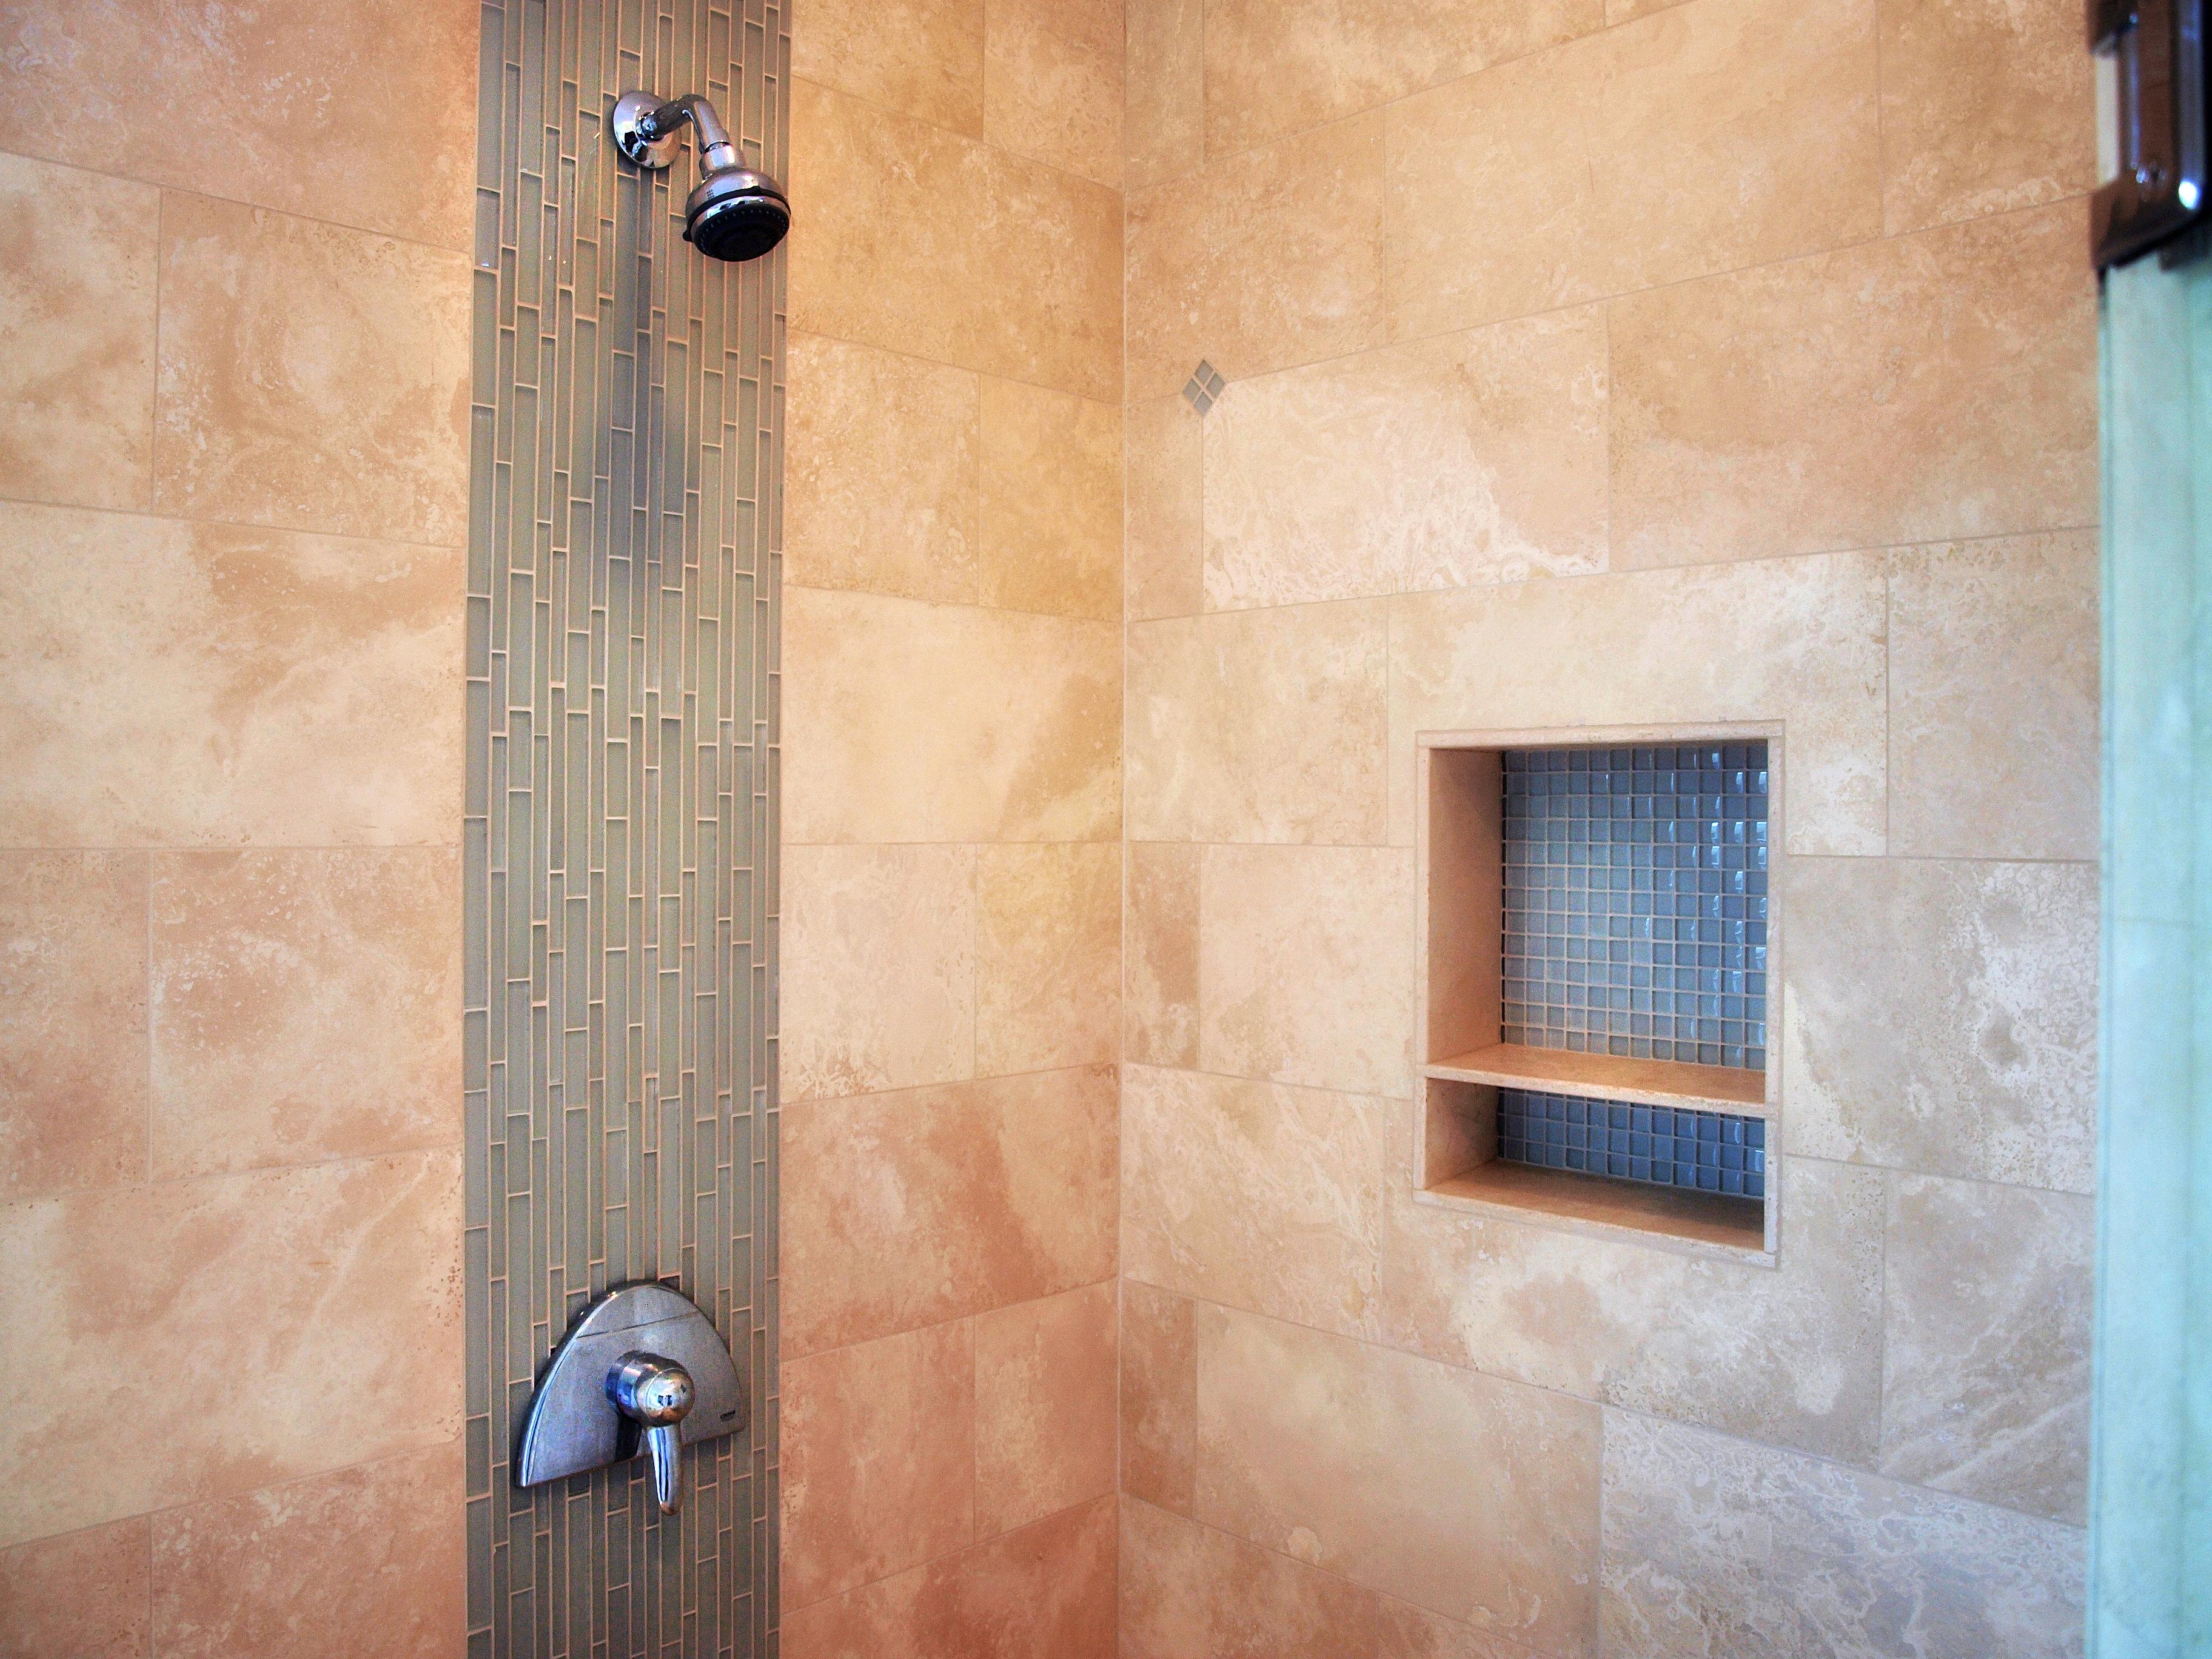 Bobby vilas design glass tile waterfall for Waterfall design tiles